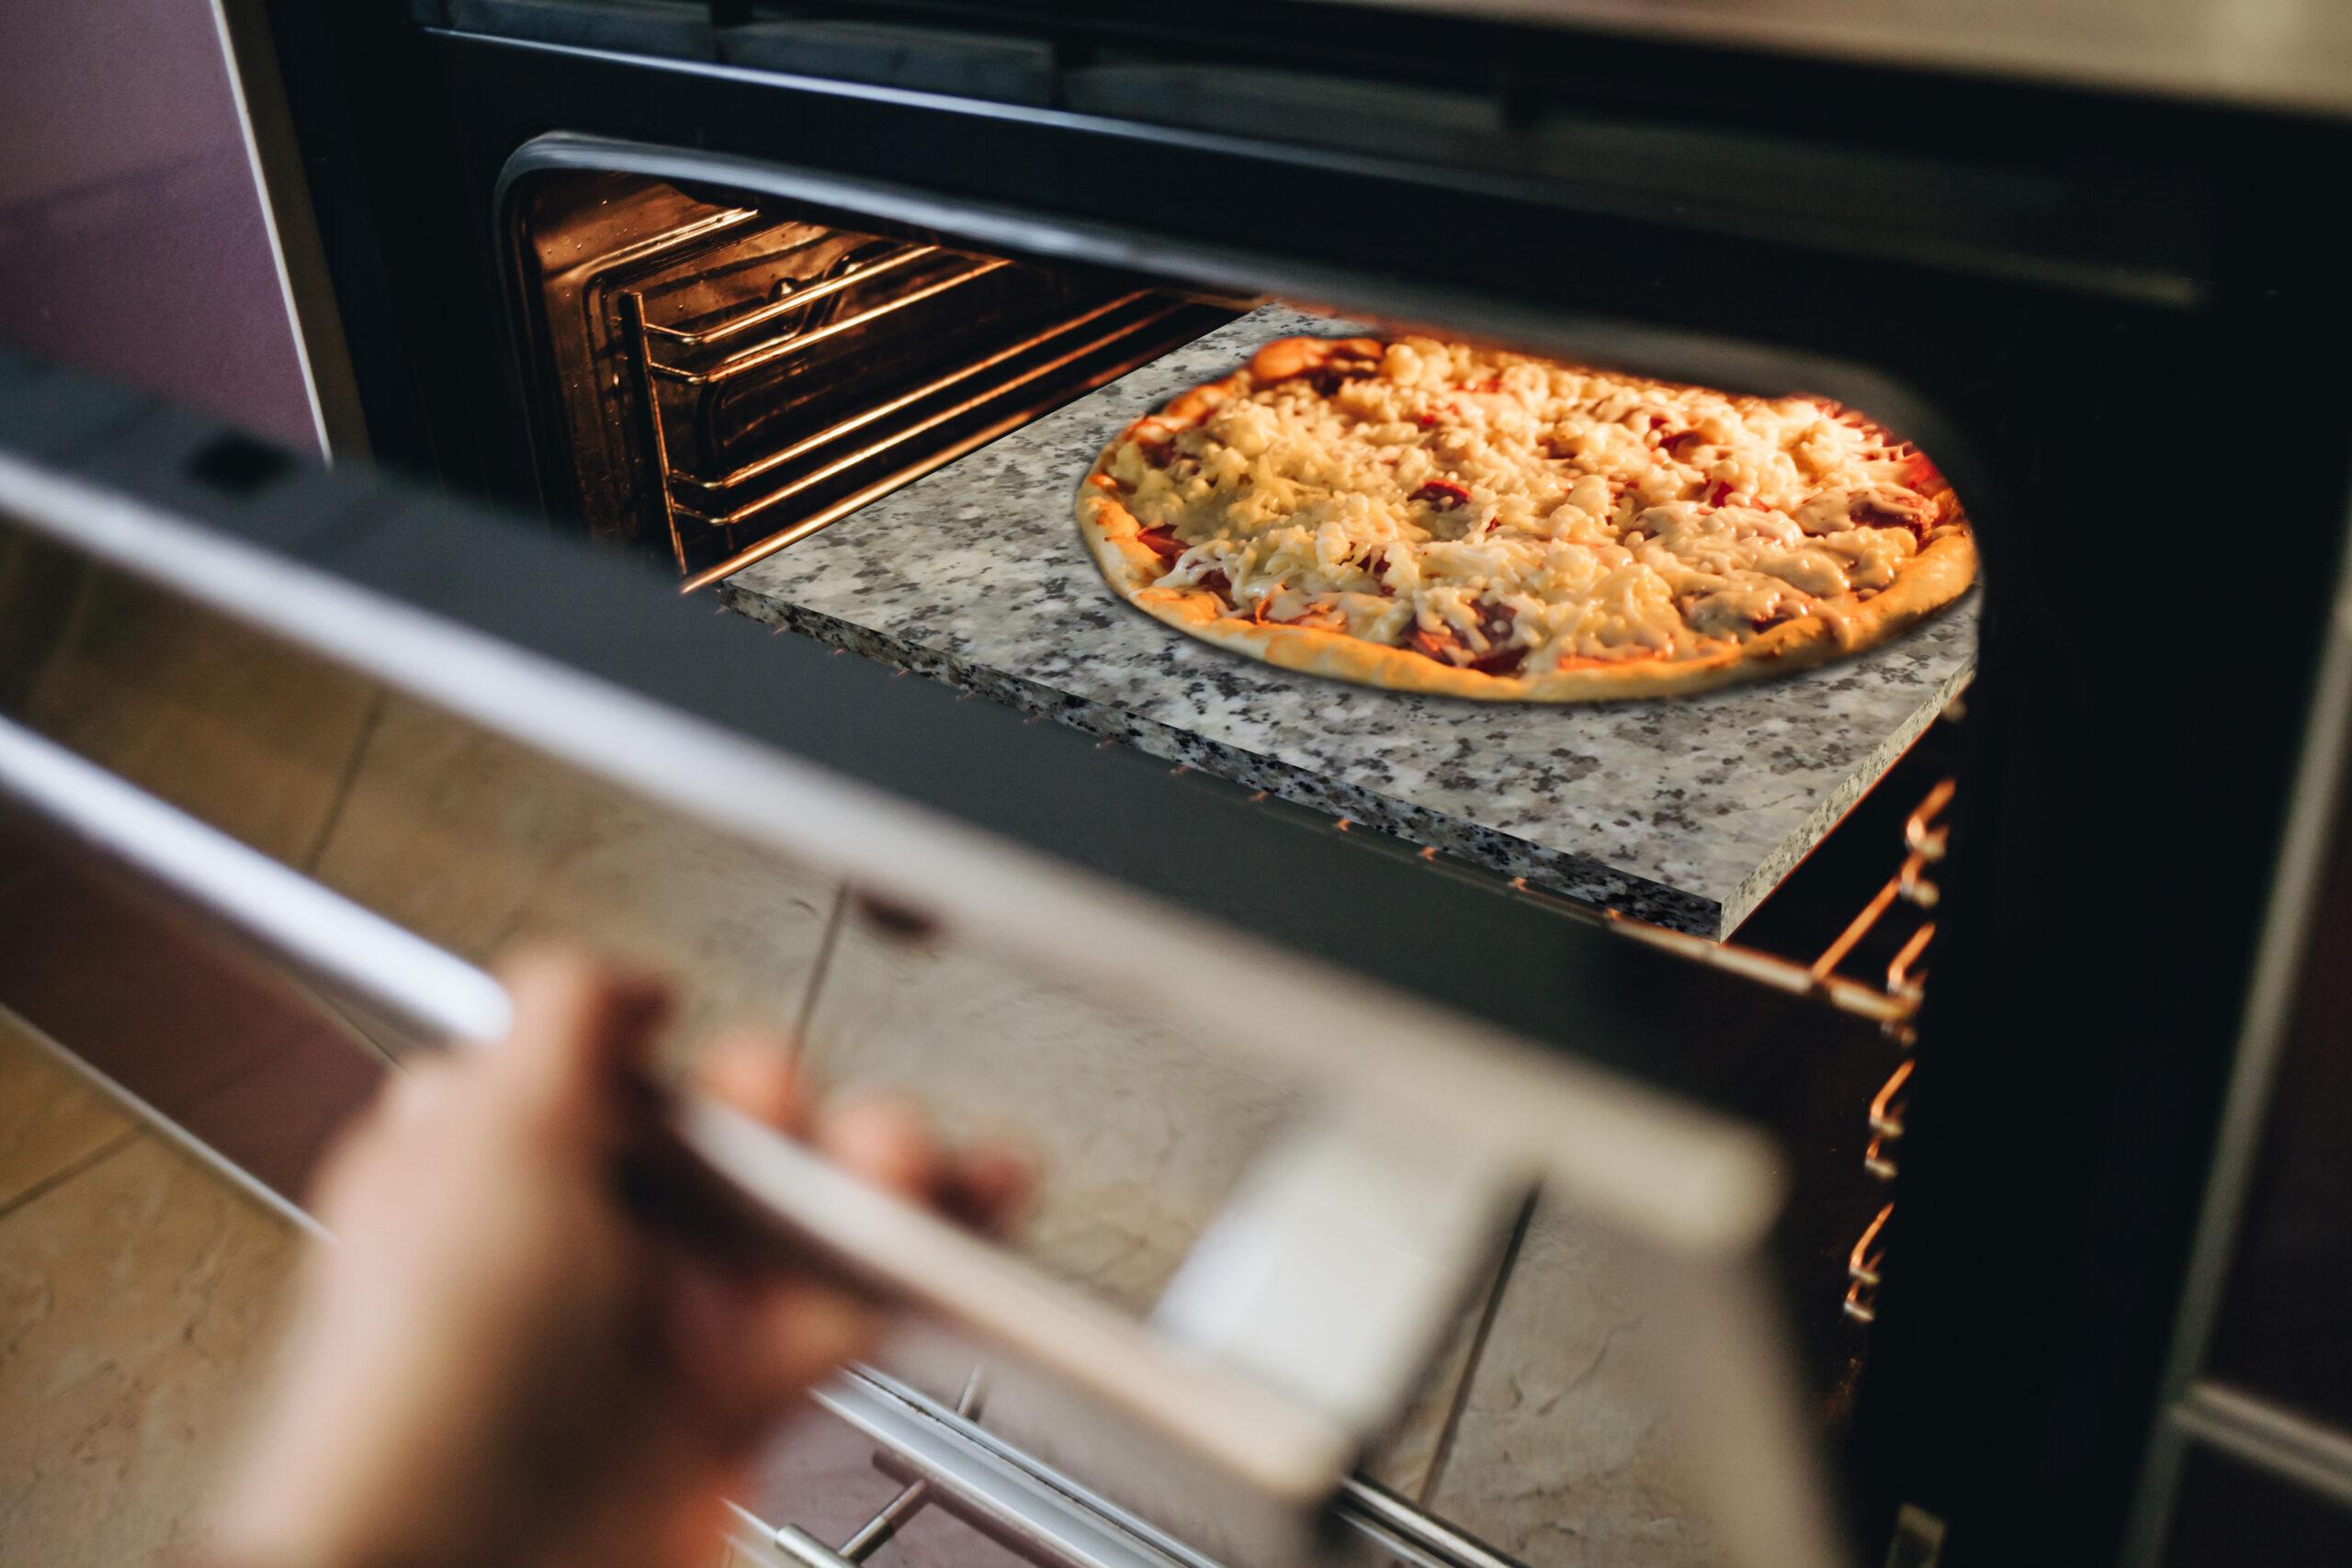 Granitowy kamień do pizzy umieszczony w piekarniaki